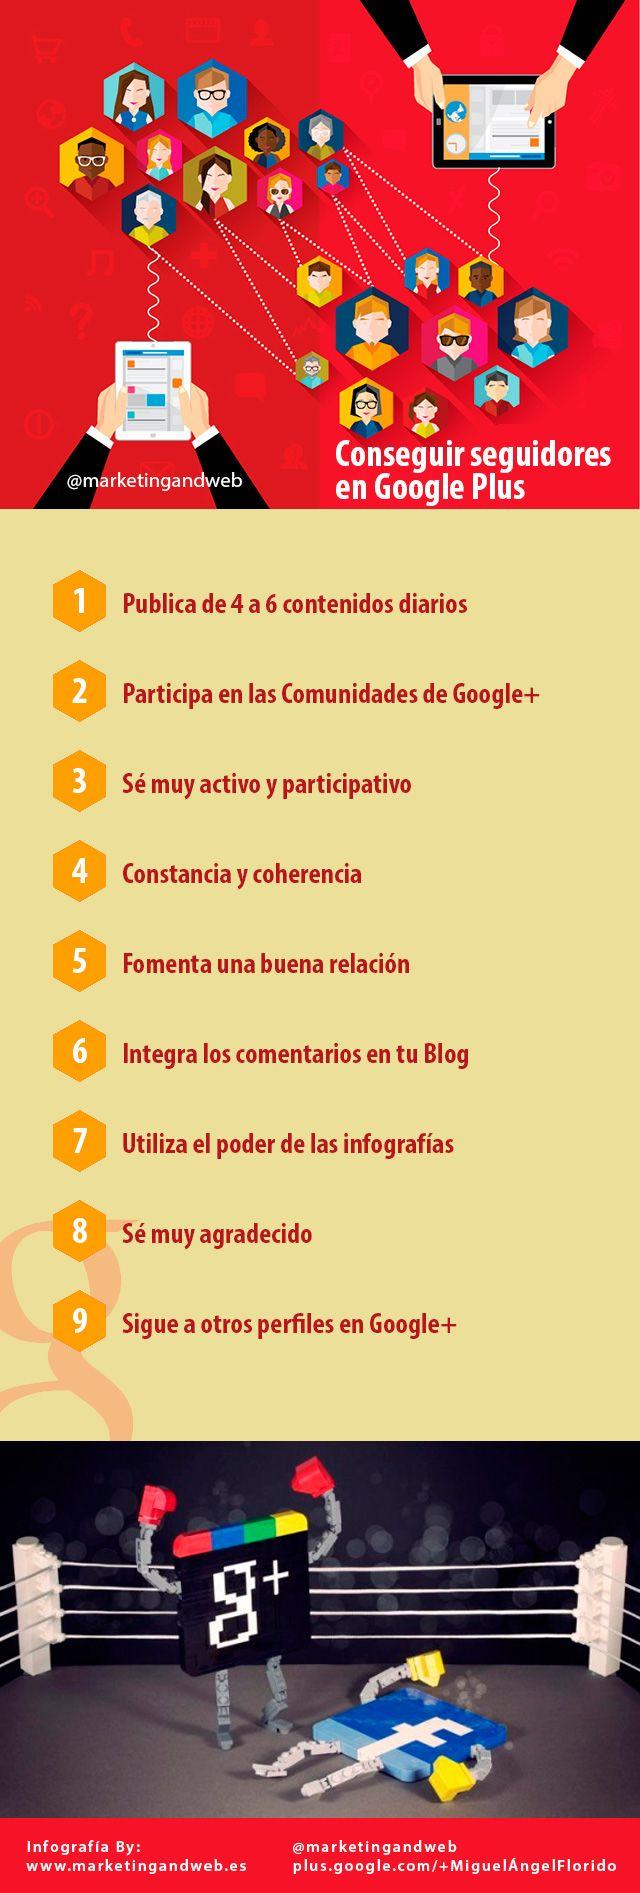 cómo conseguir seguidores de calidad en google plus  #googleplus #socialmedia #SM #Communitymanager